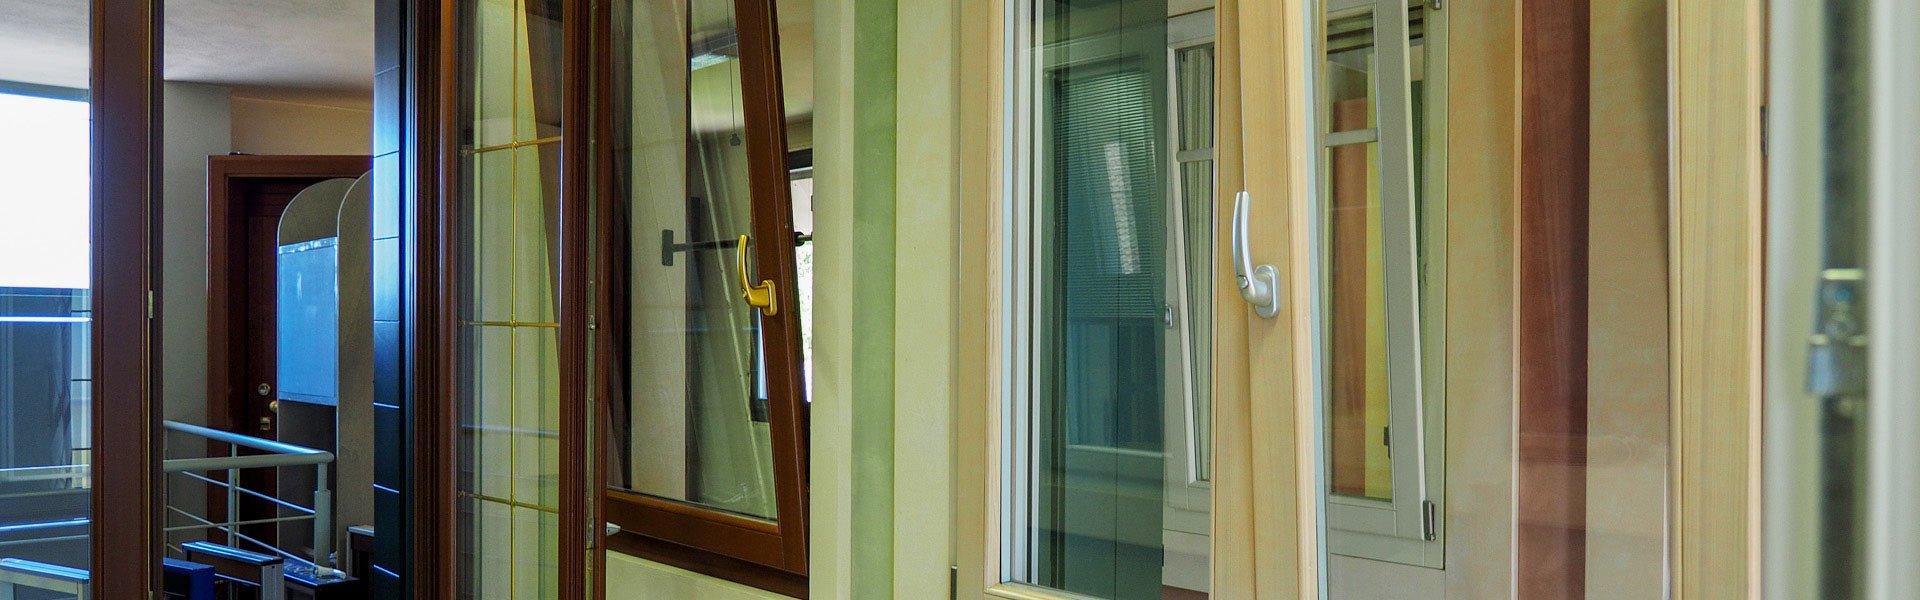 Finestre pvc verona e mantova realizzate in pvc o alluminio - Finestre pvc verona ...